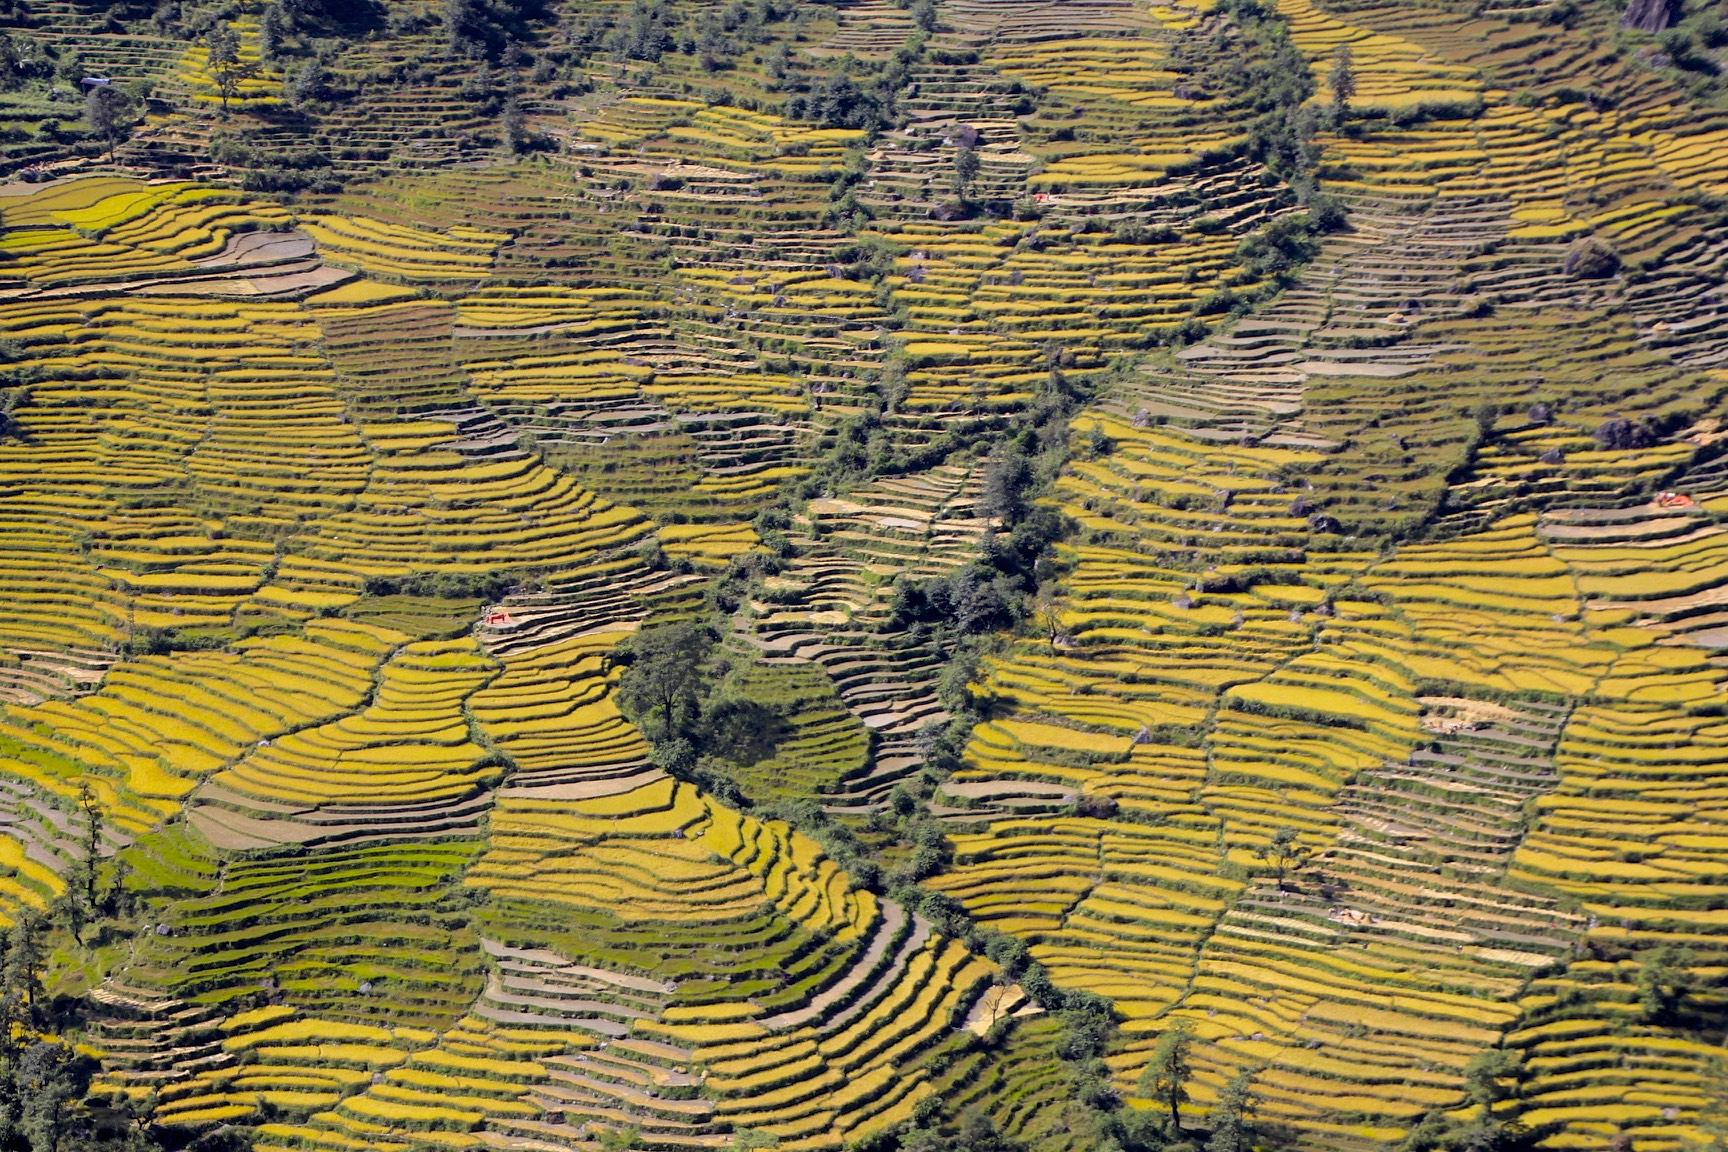 Rice fields down below.